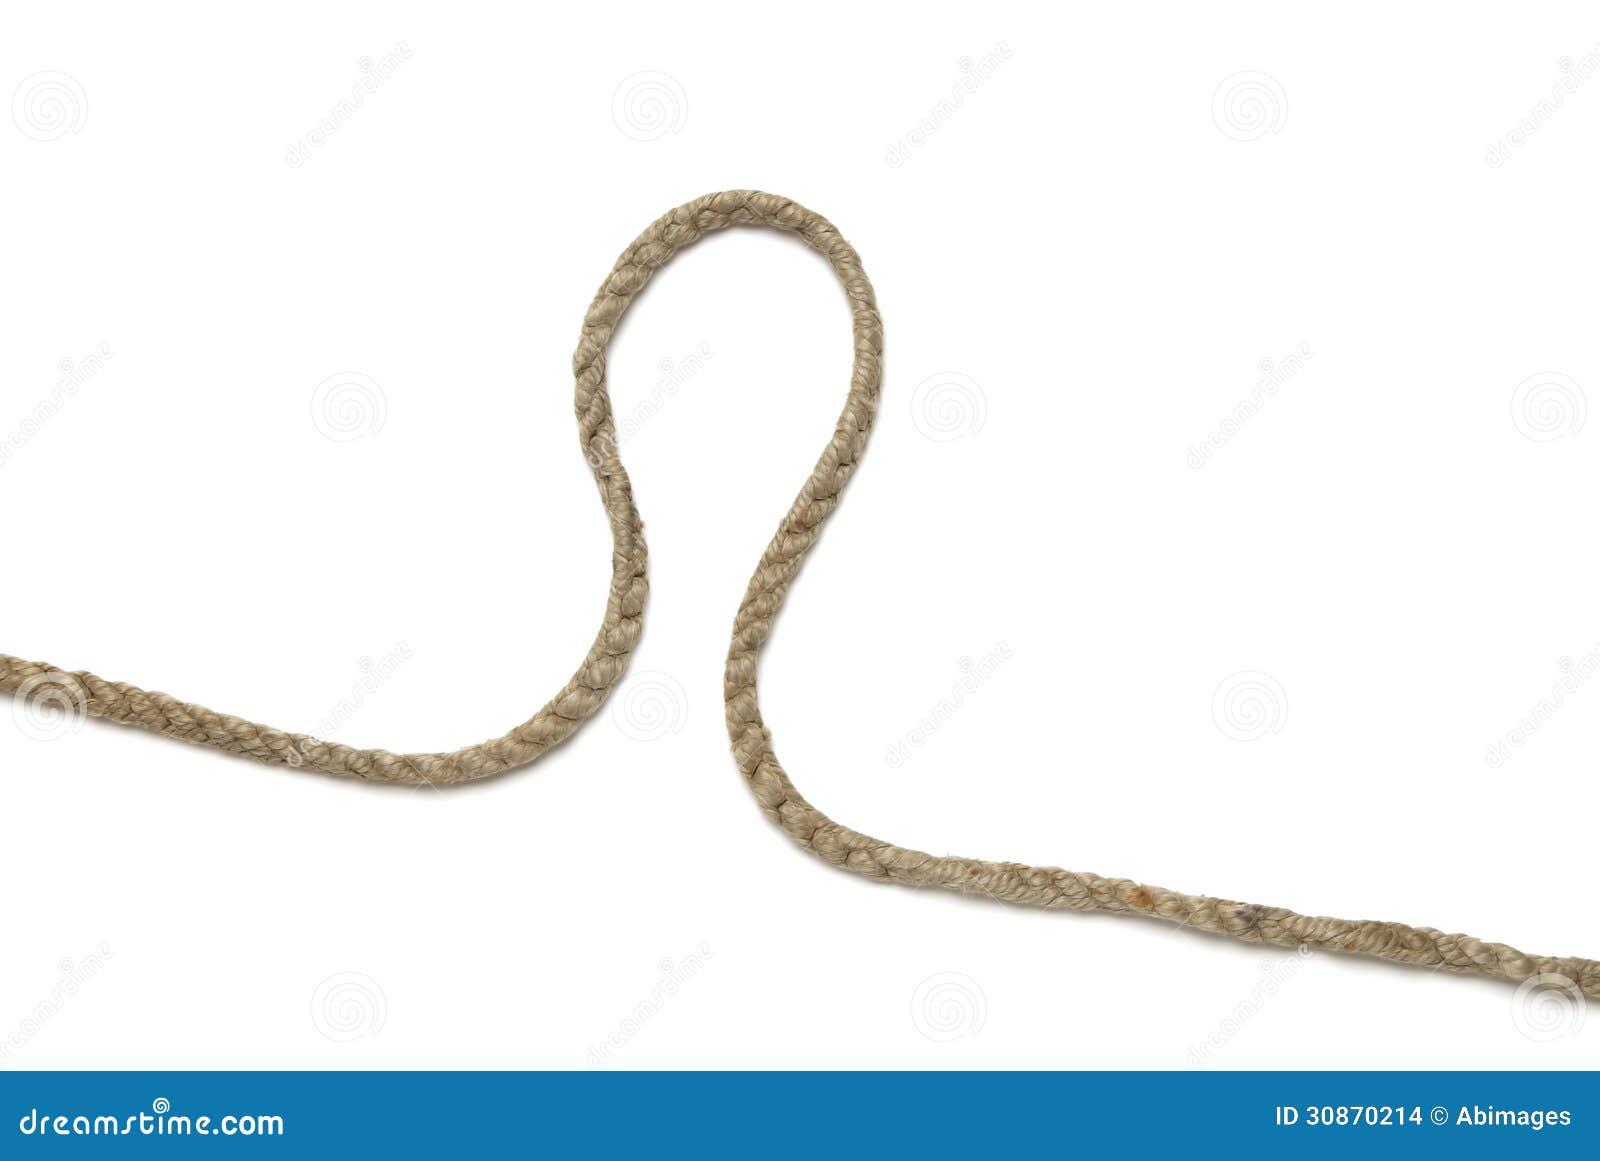 Kabel met krul